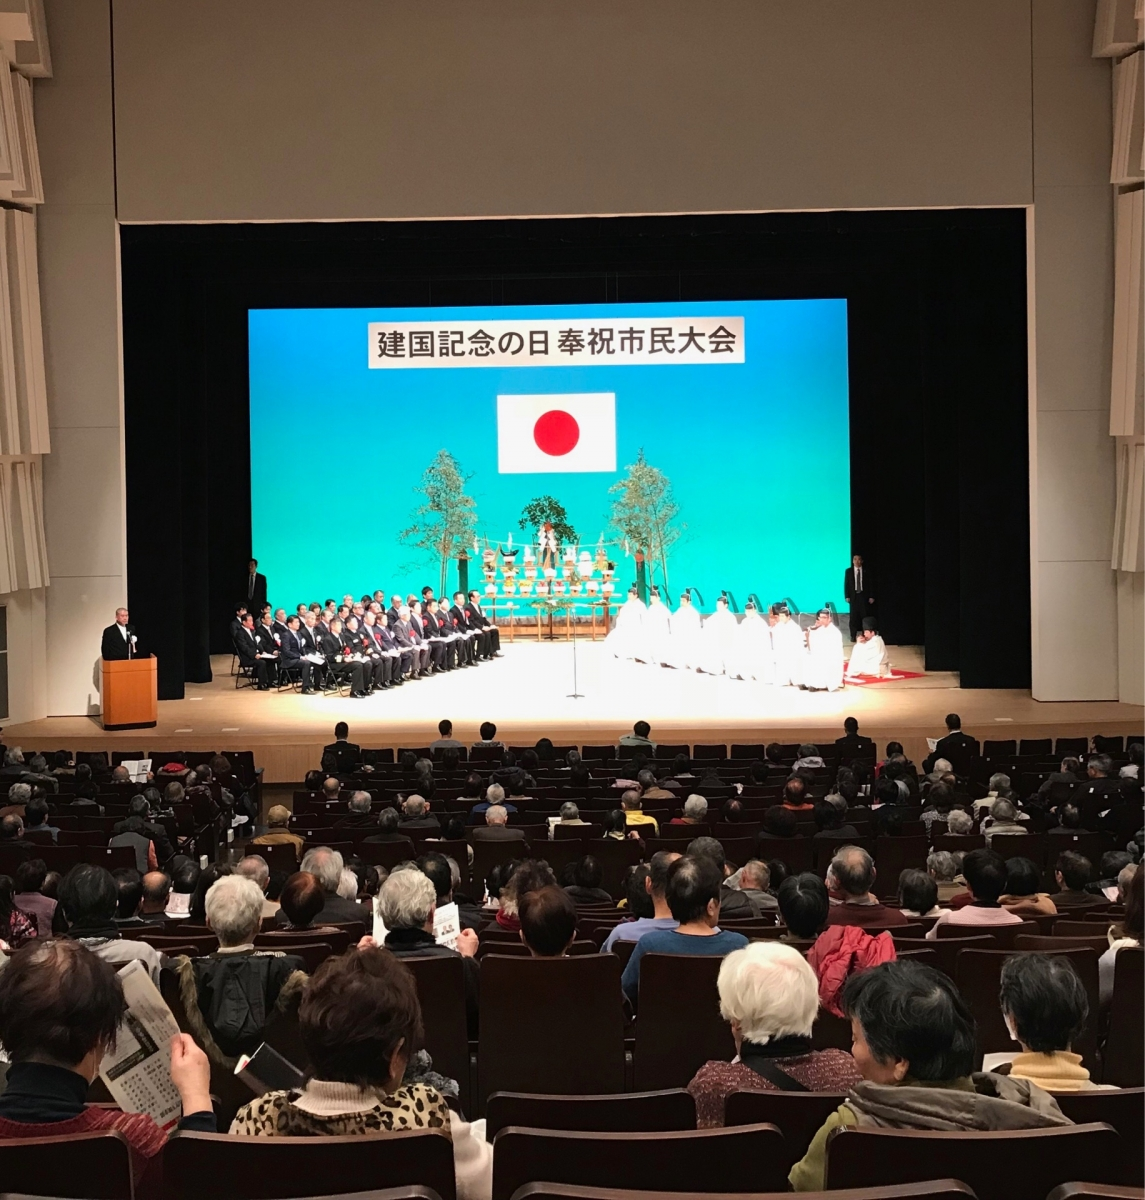 建国記念の日 奉祝市民大会